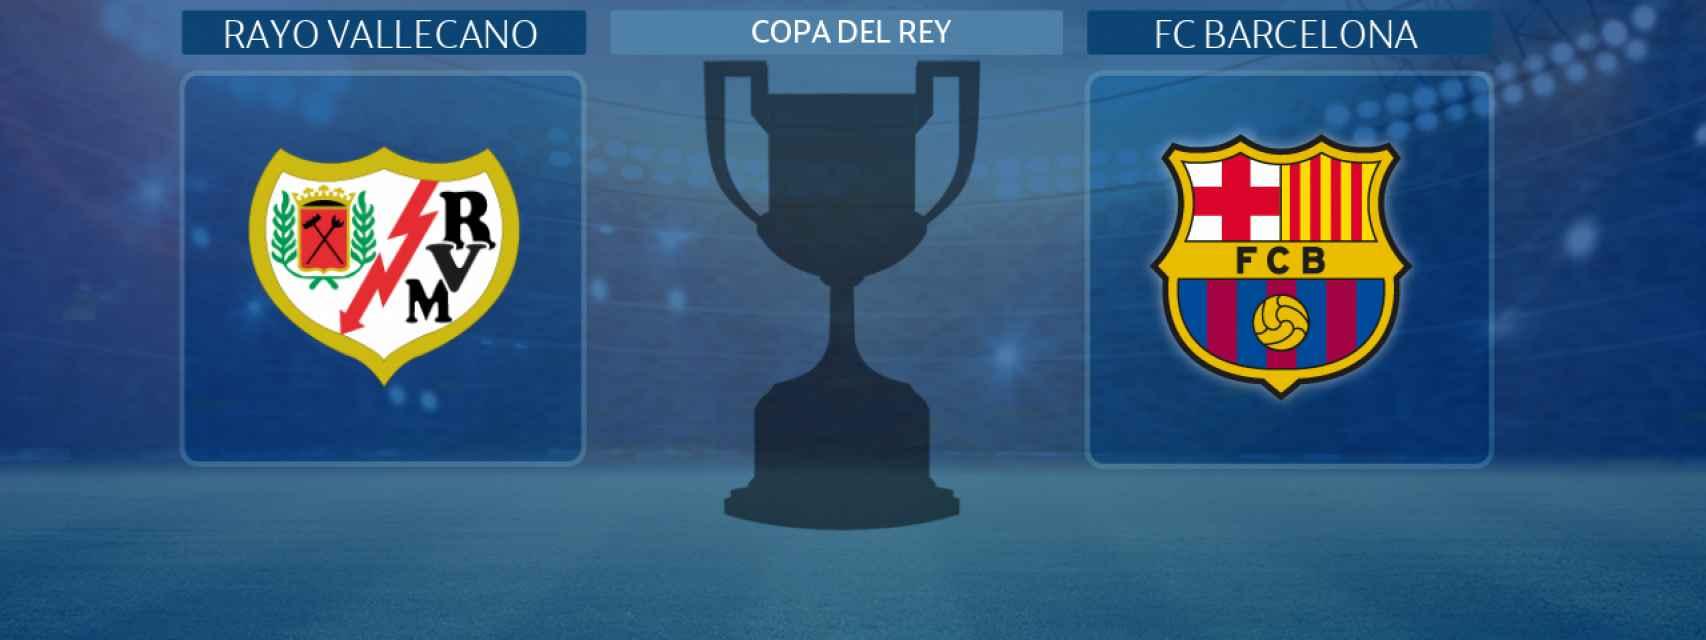 Rayo Vallecano - FC Barcelona, partido de la Copa del Rey